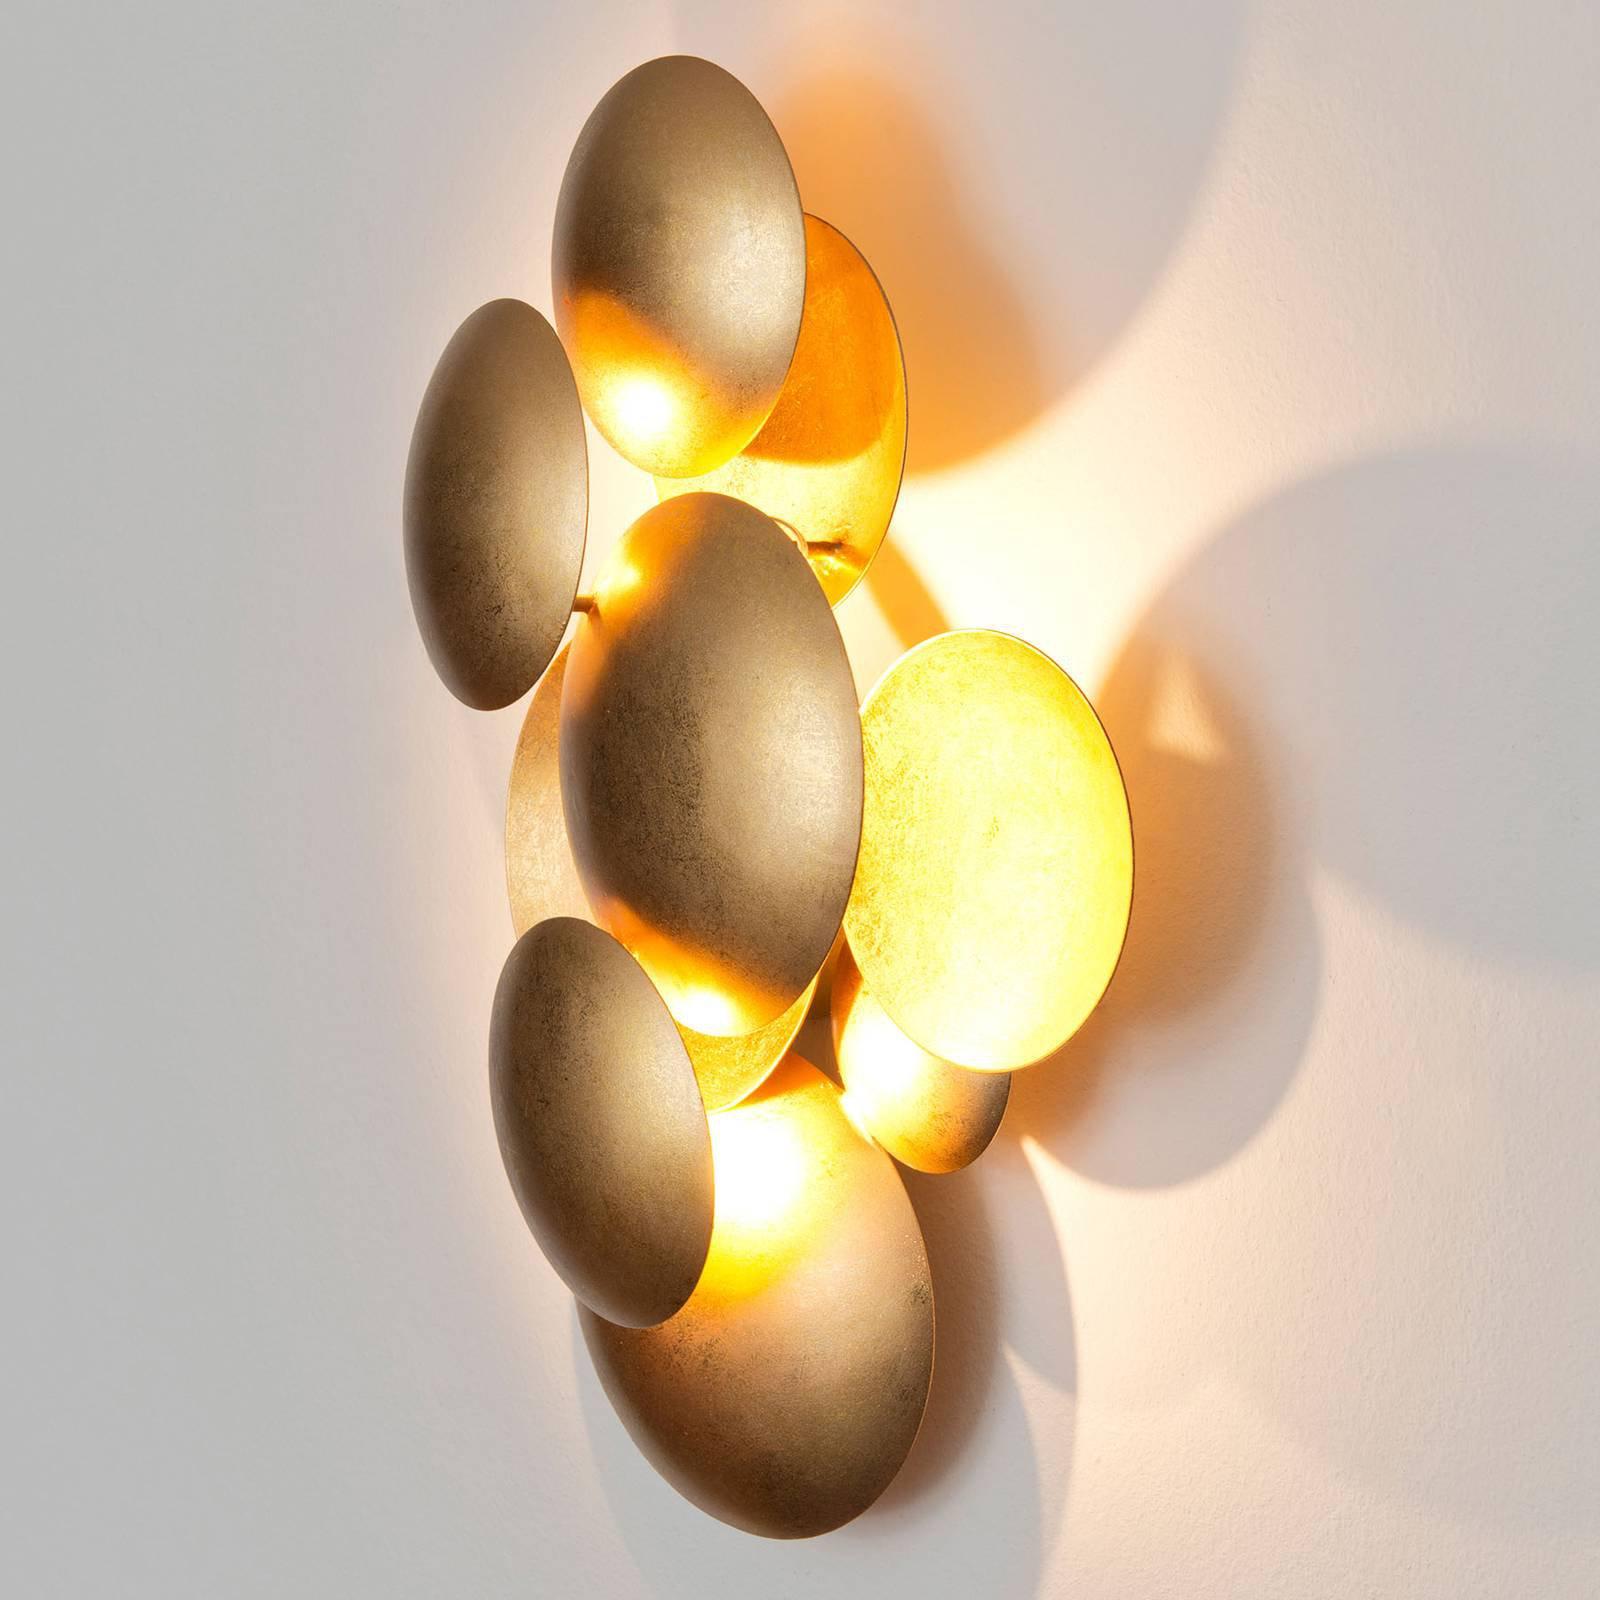 LED-vegglampe Bolladaria, 3 lyskilder